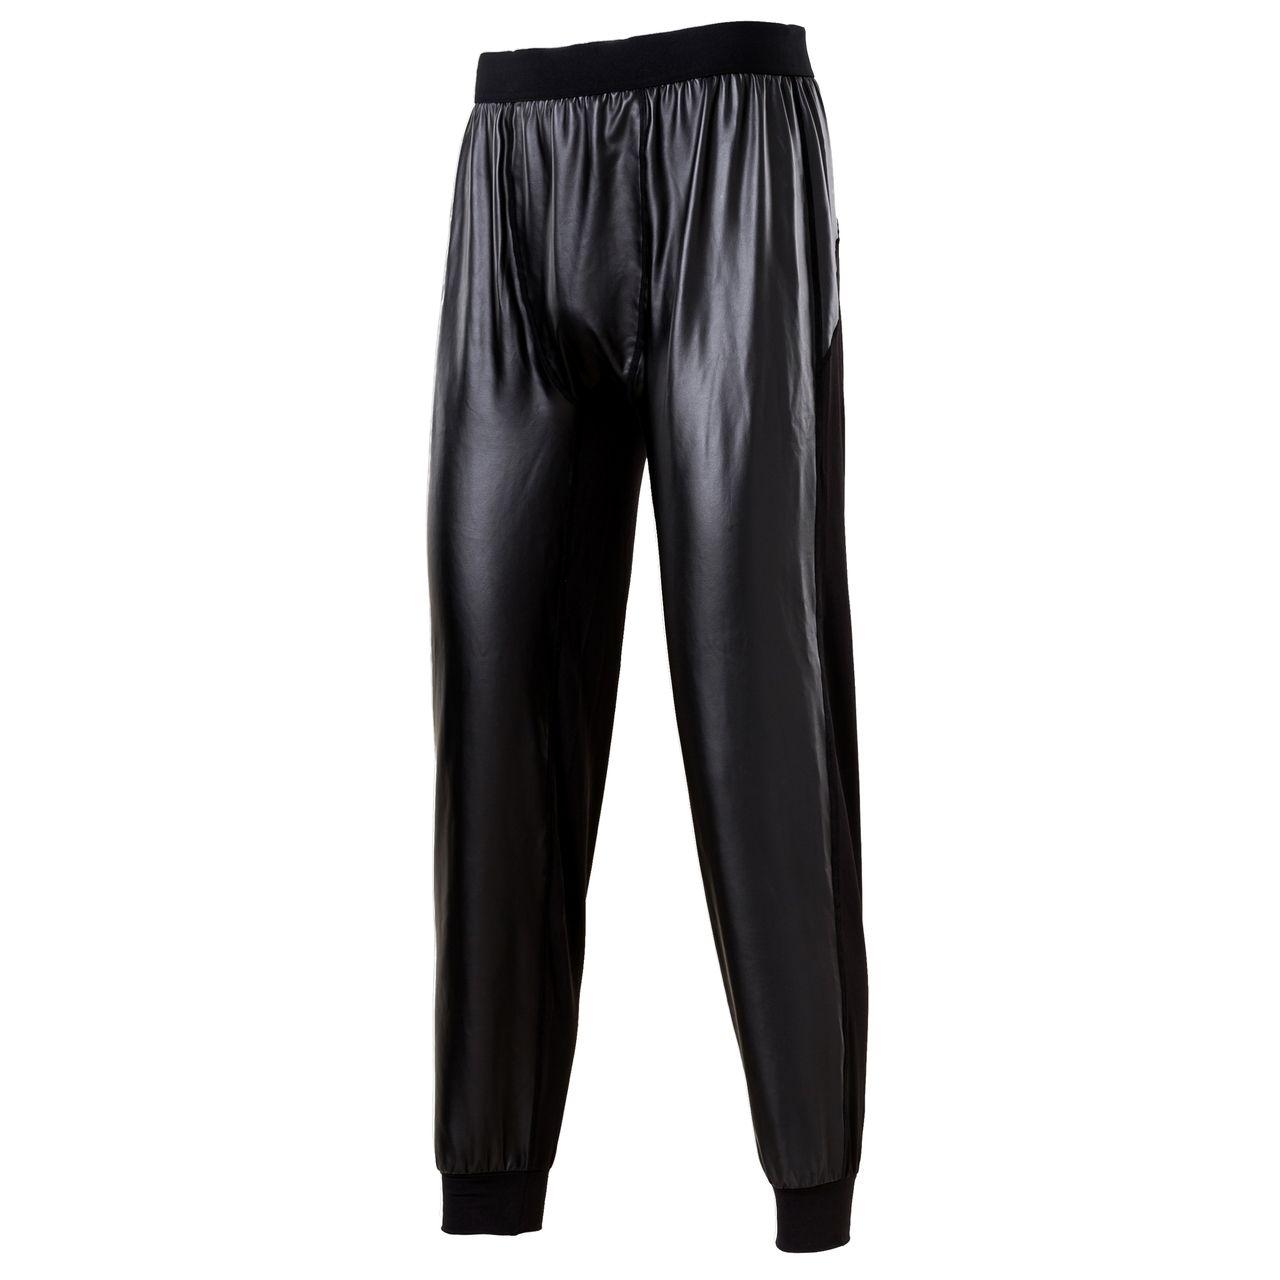 【山城】防風伸縮內層褲 - 「Webike-摩托百貨」